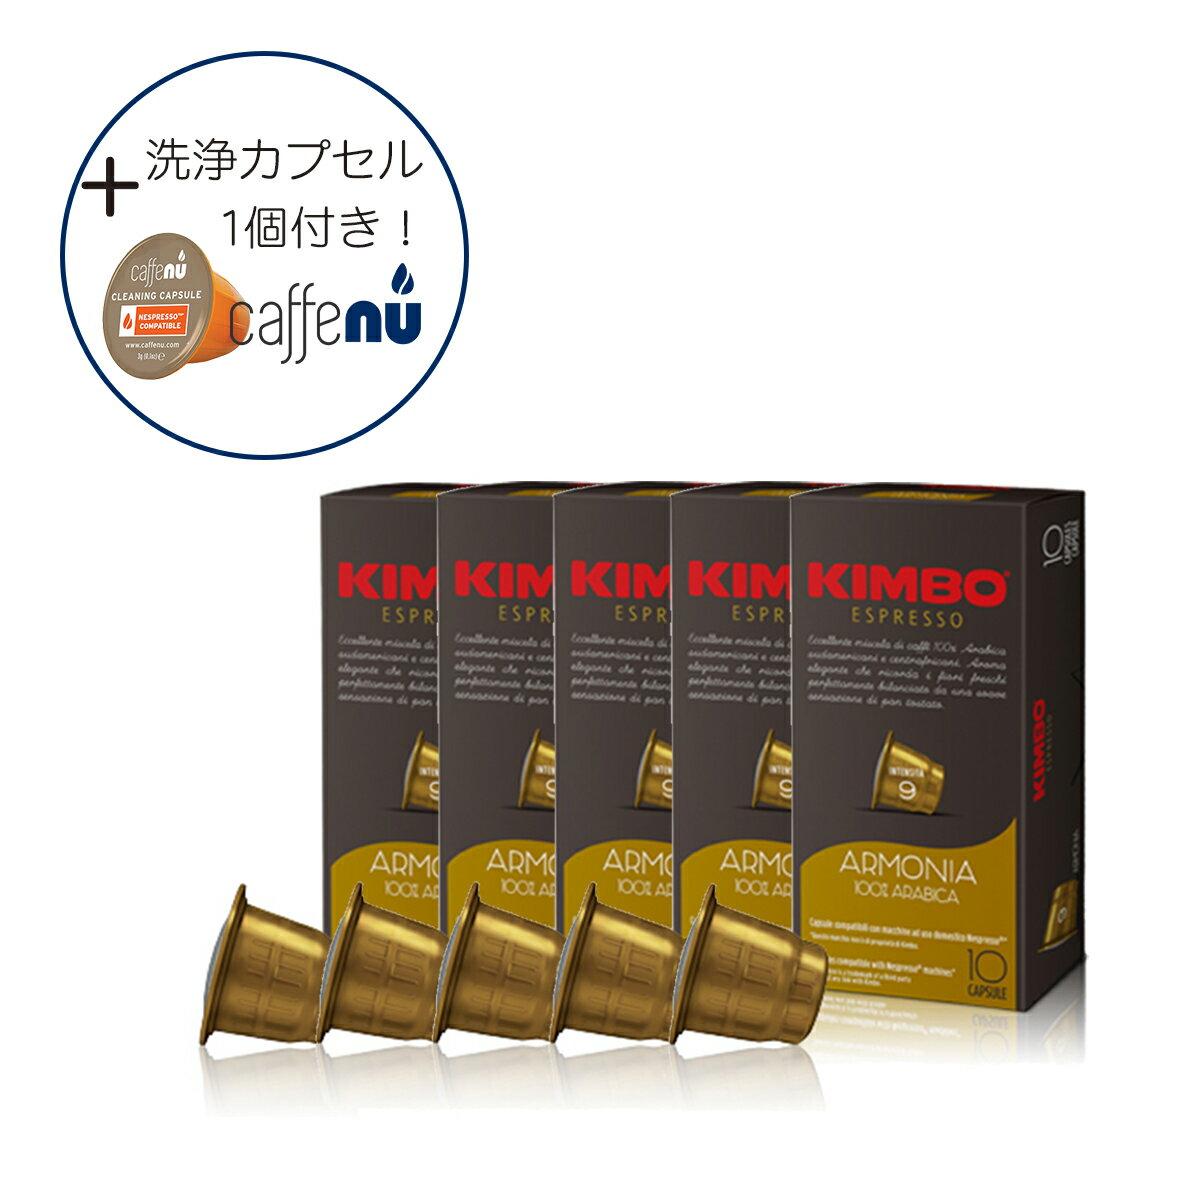 ネスプレッソ カプセル 互換 キンボ kimbo コーヒー アルモニア 1箱 10 カプセル 5箱 合計 50 カプセル 送料無料